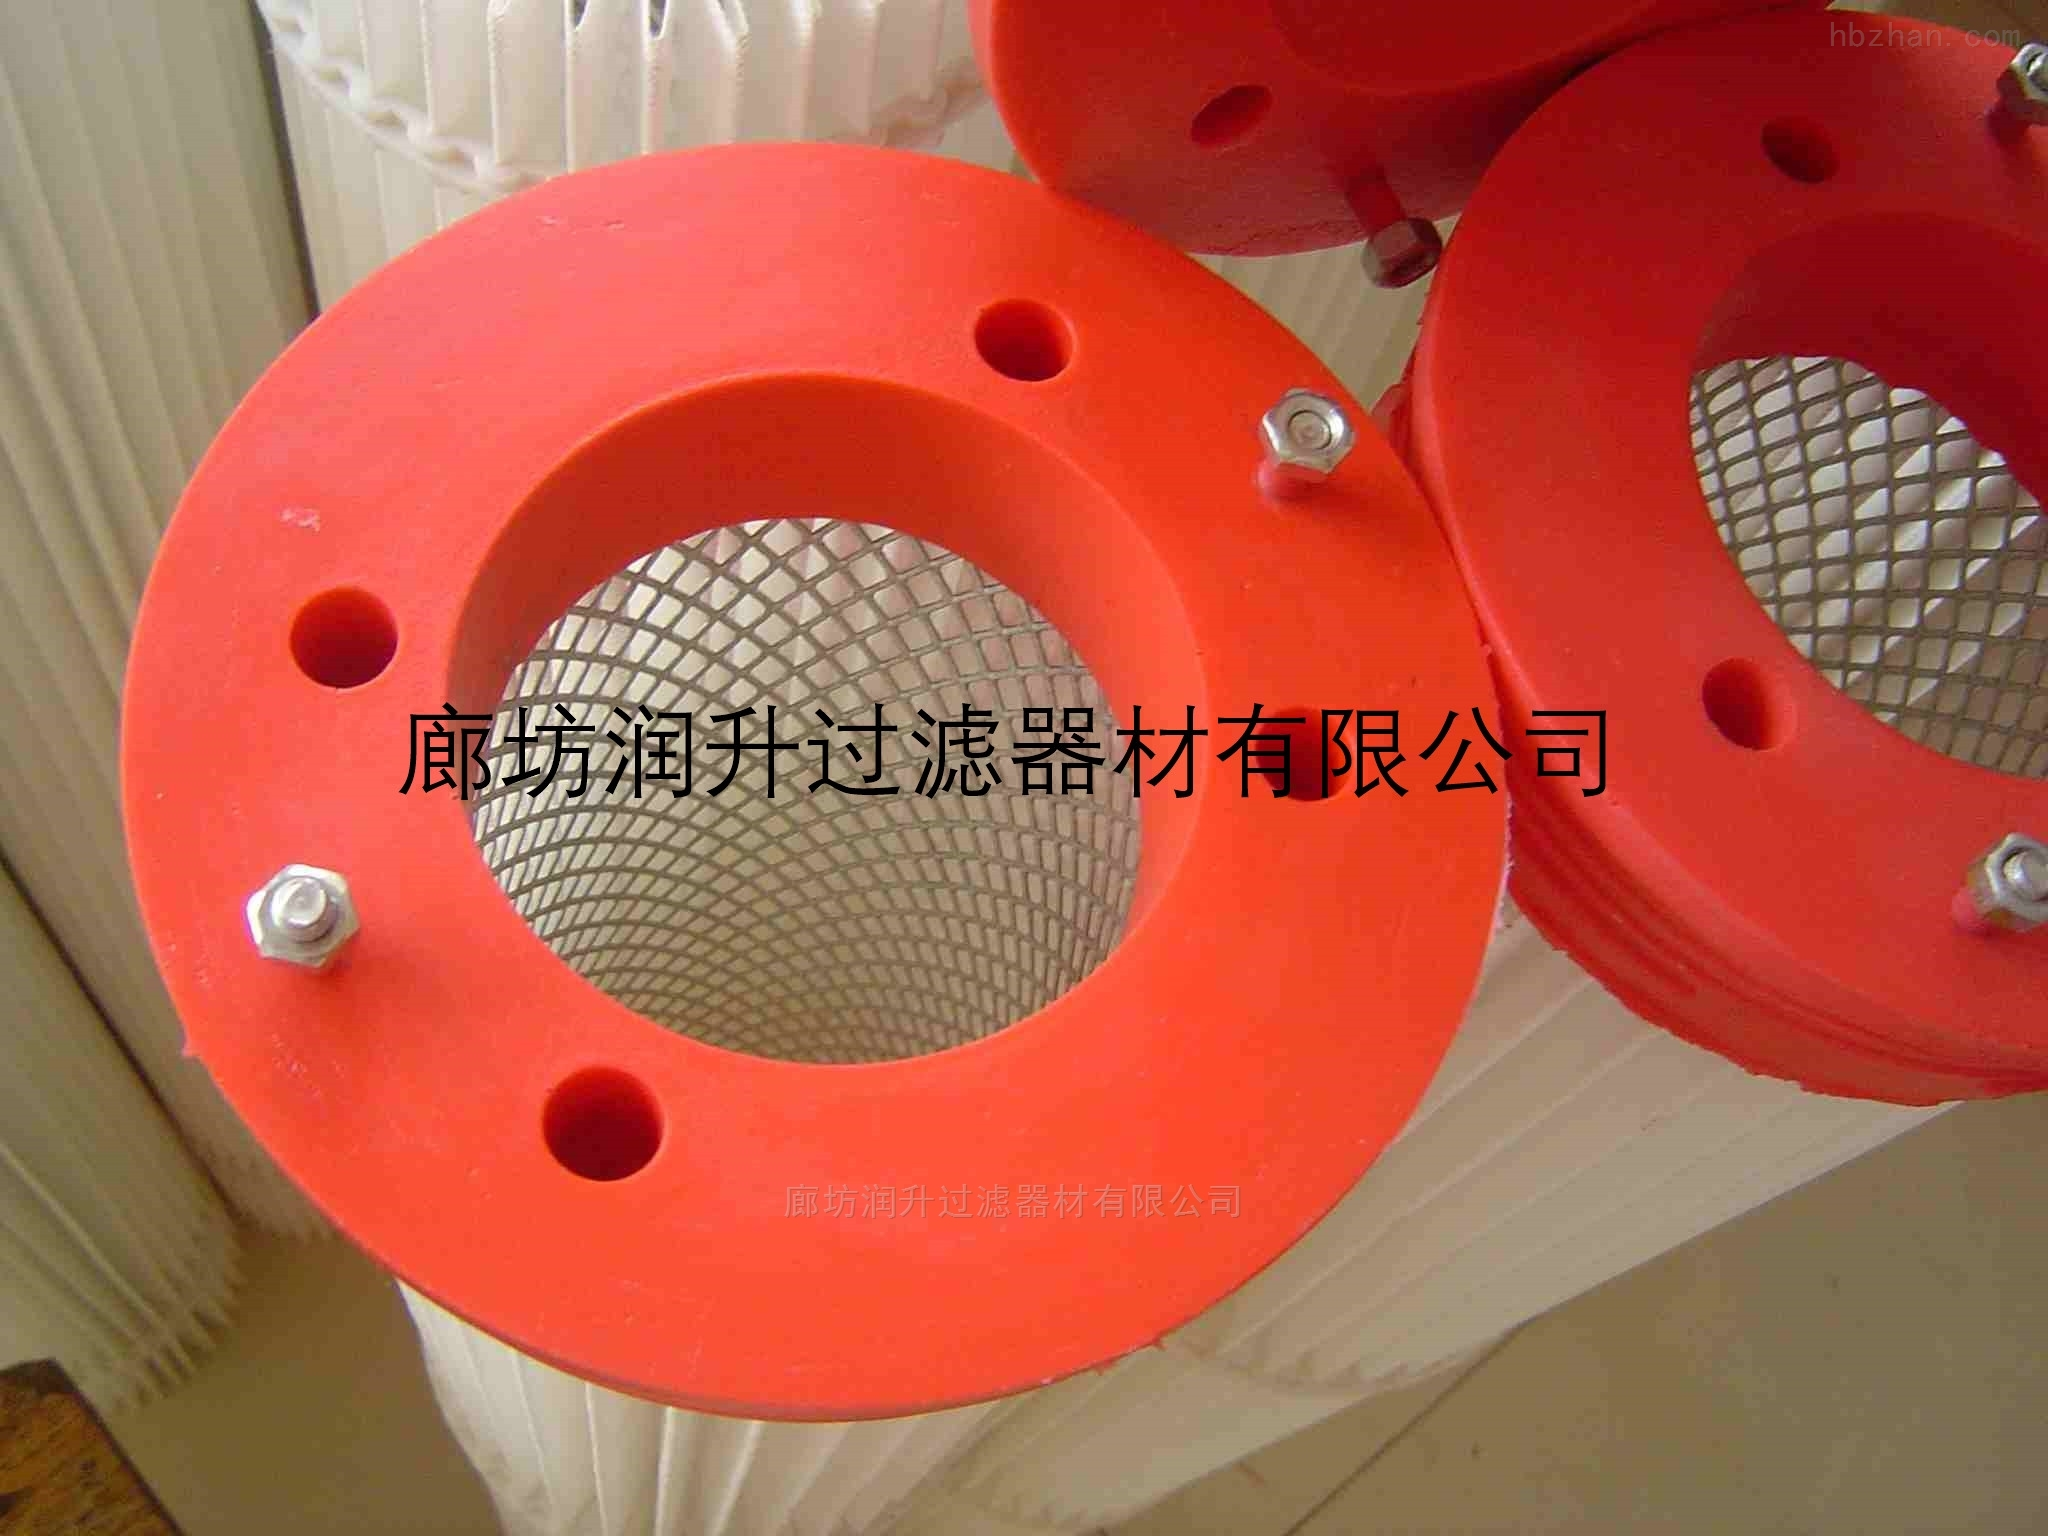 清远化工厂污水处理滤芯报价